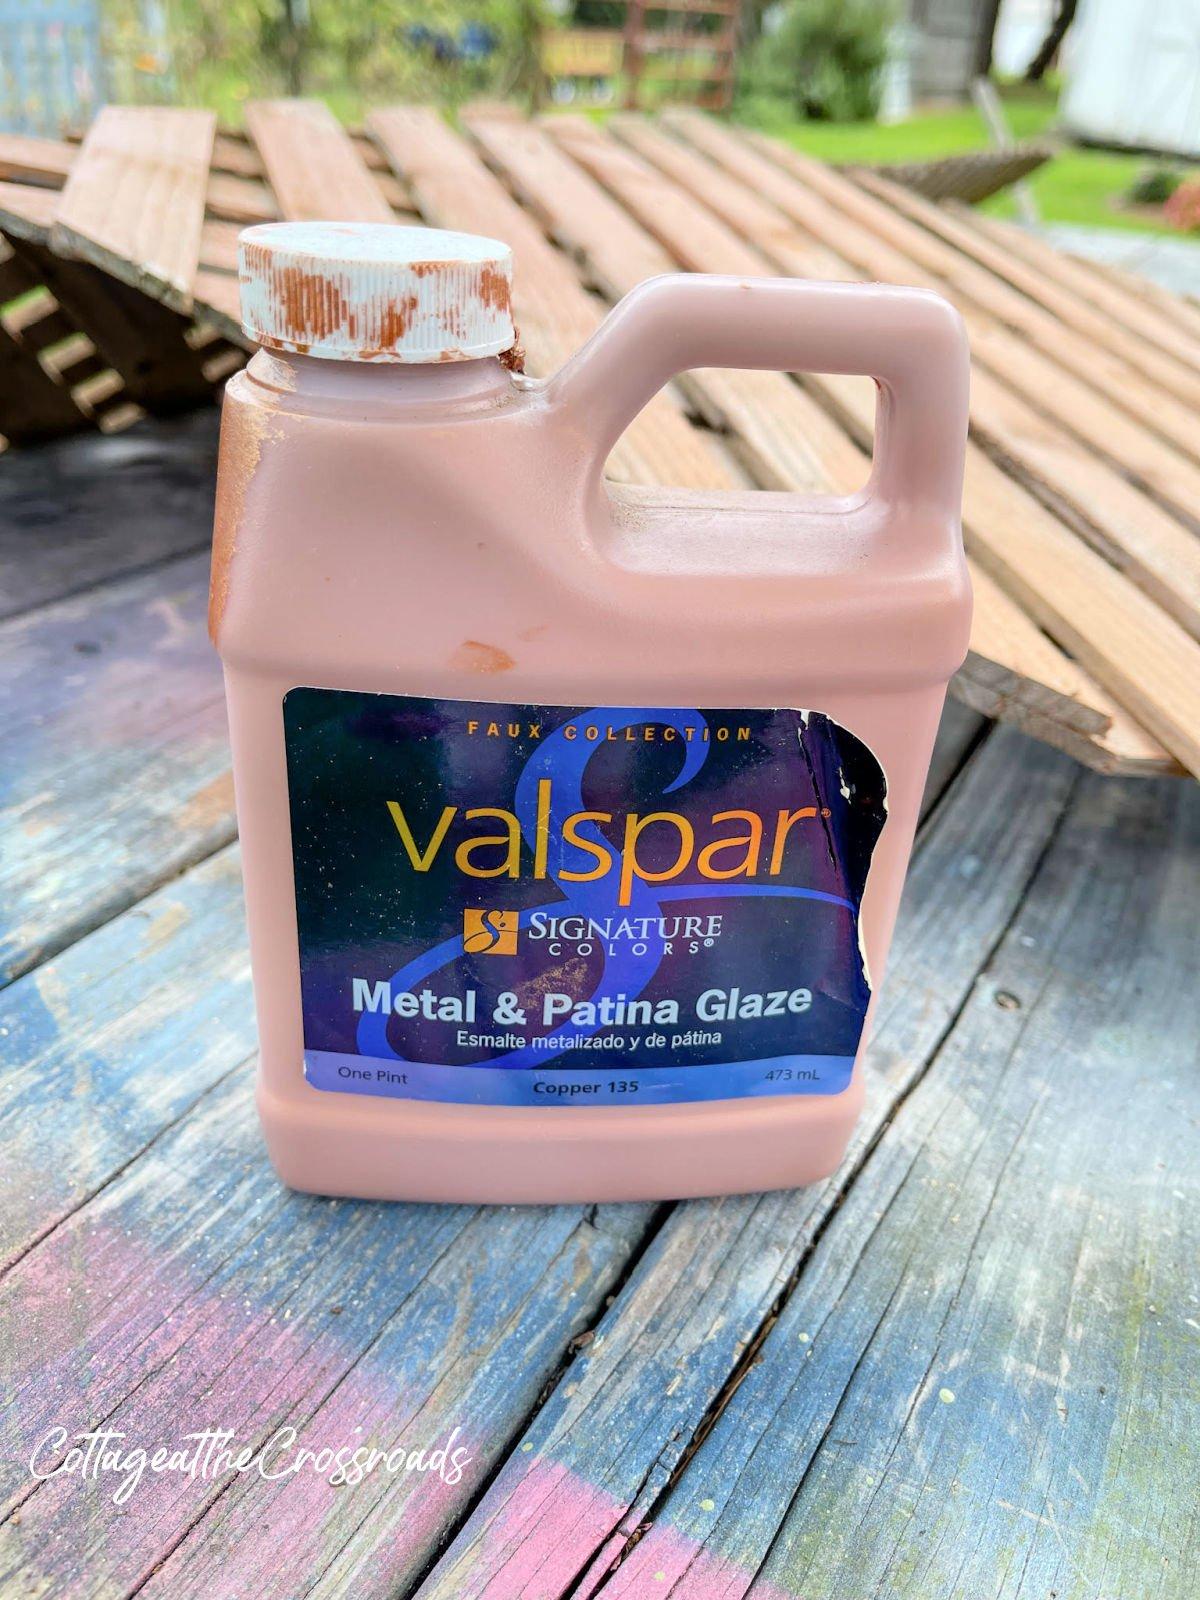 container of Valspar copper metal glaze